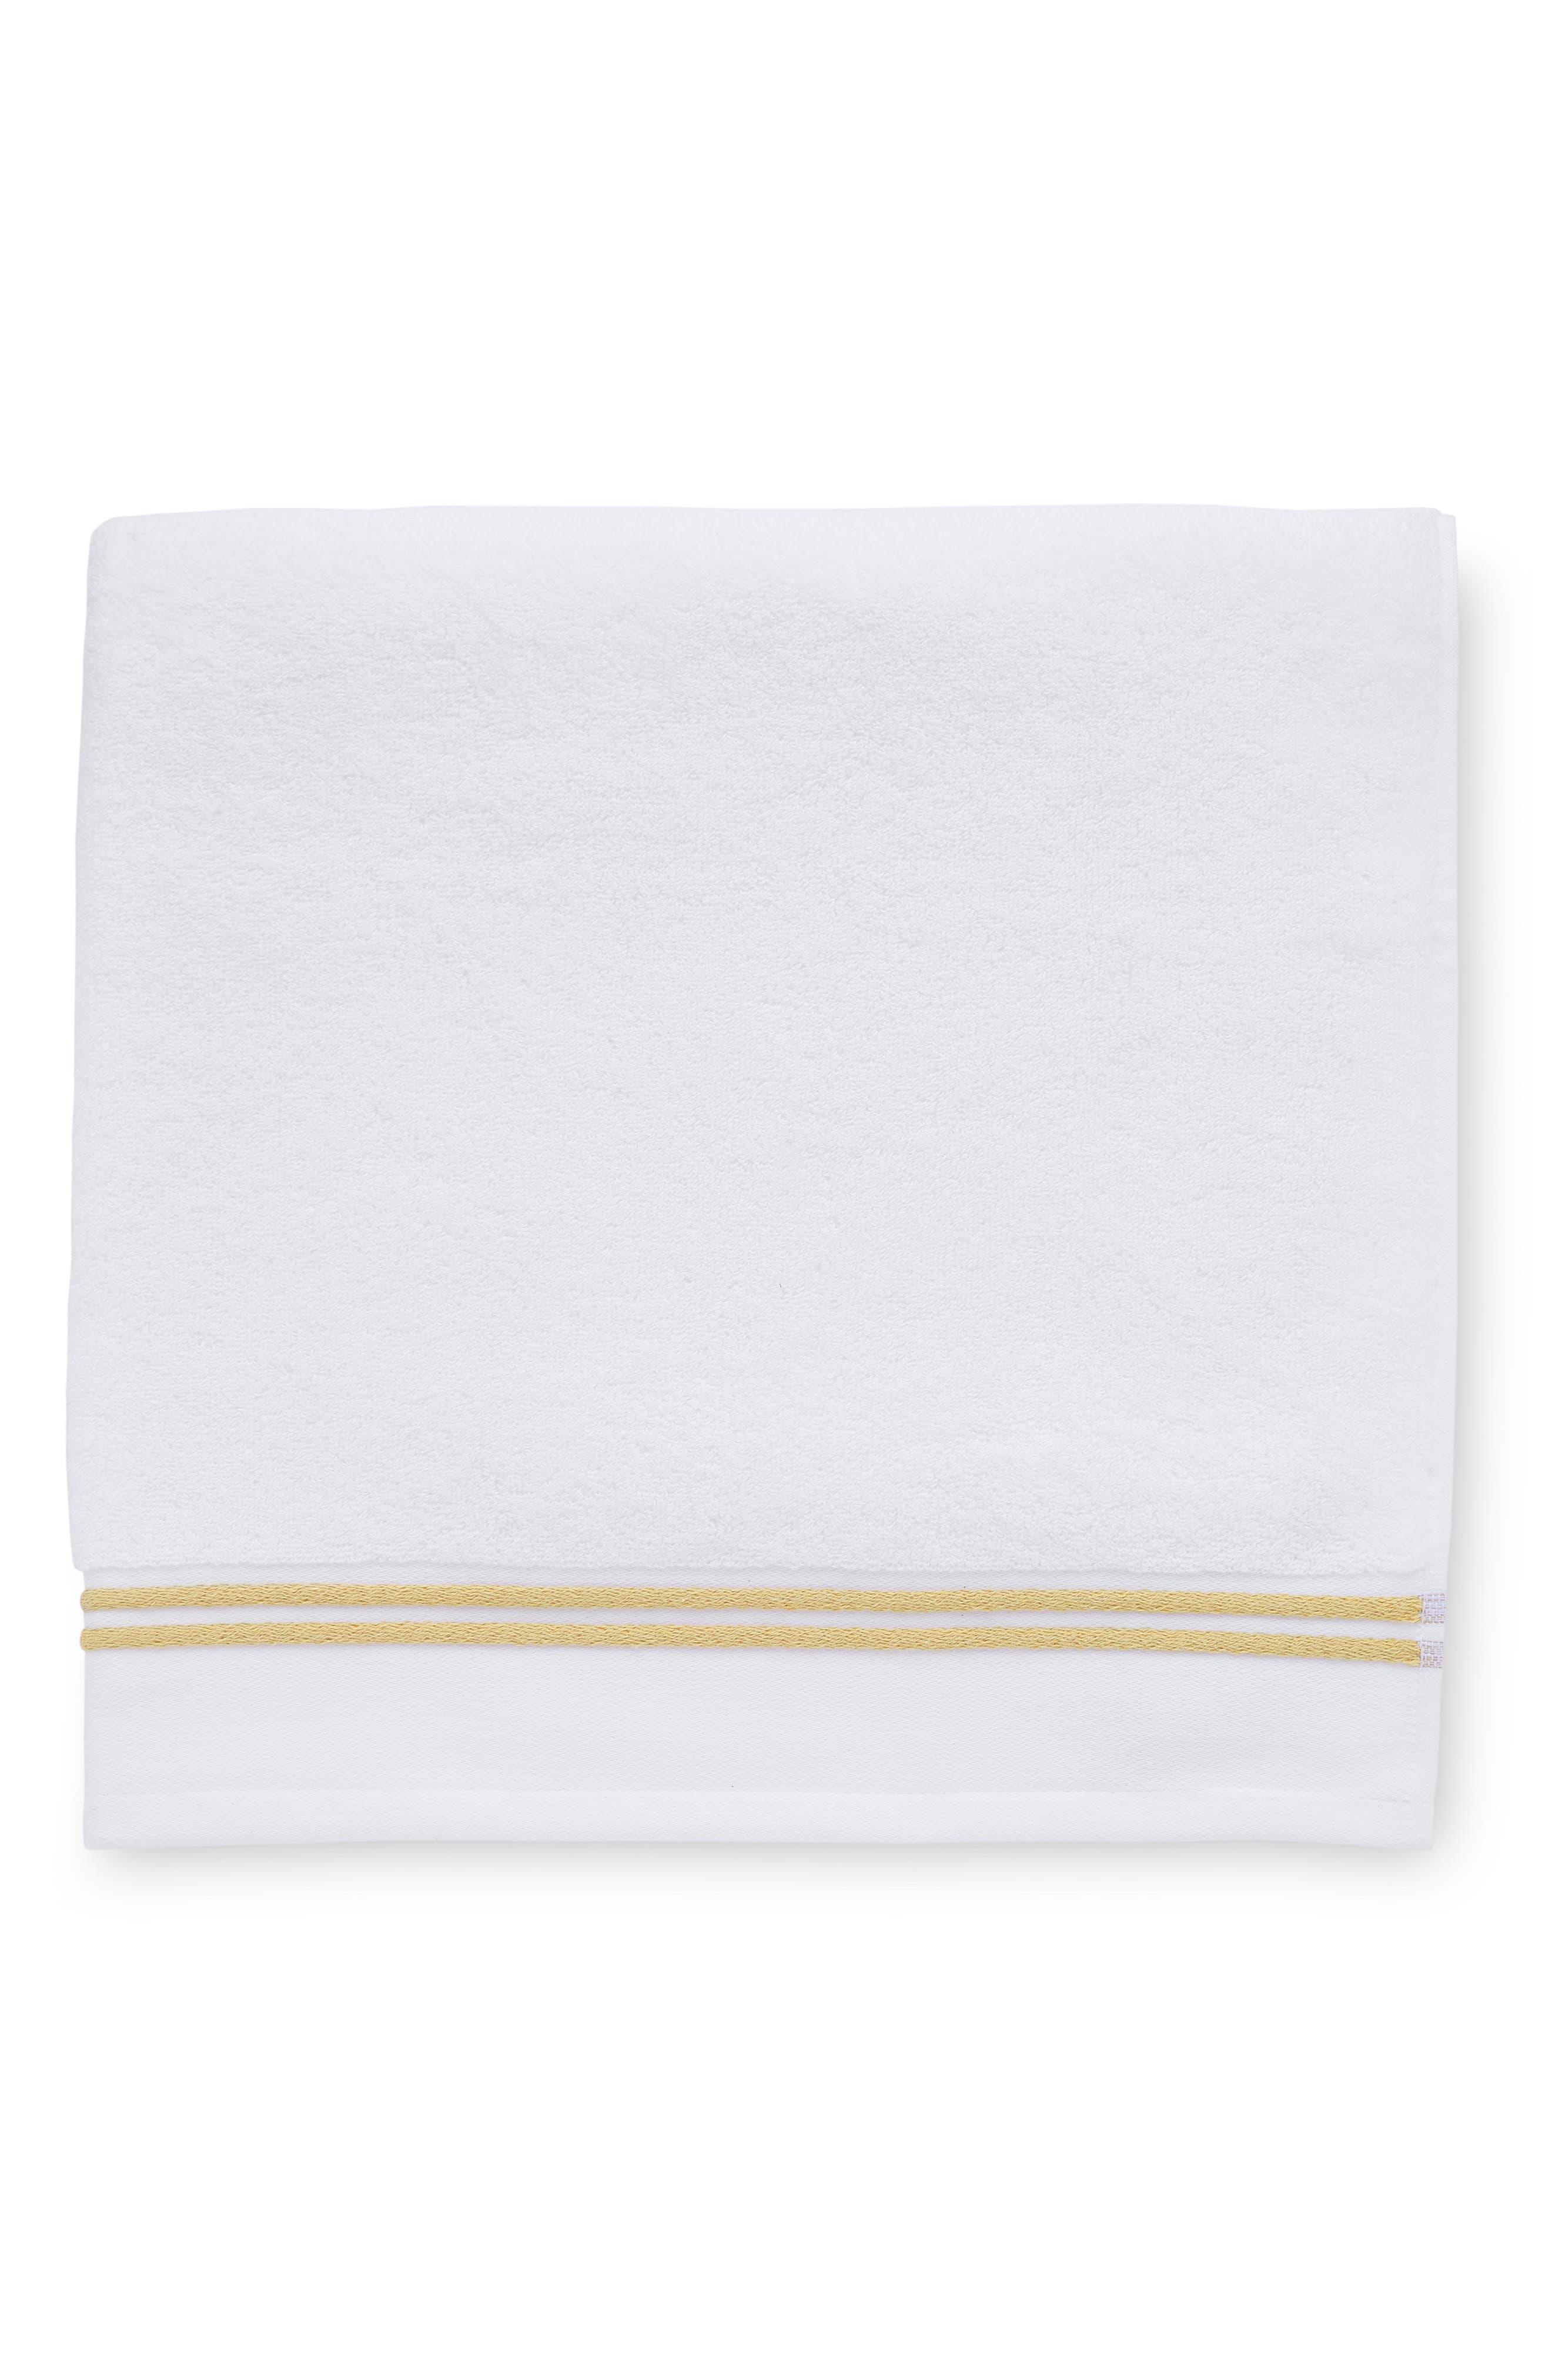 SFERRA,                             Aura Bath Towel,                             Main thumbnail 1, color,                             WHITE/CORN